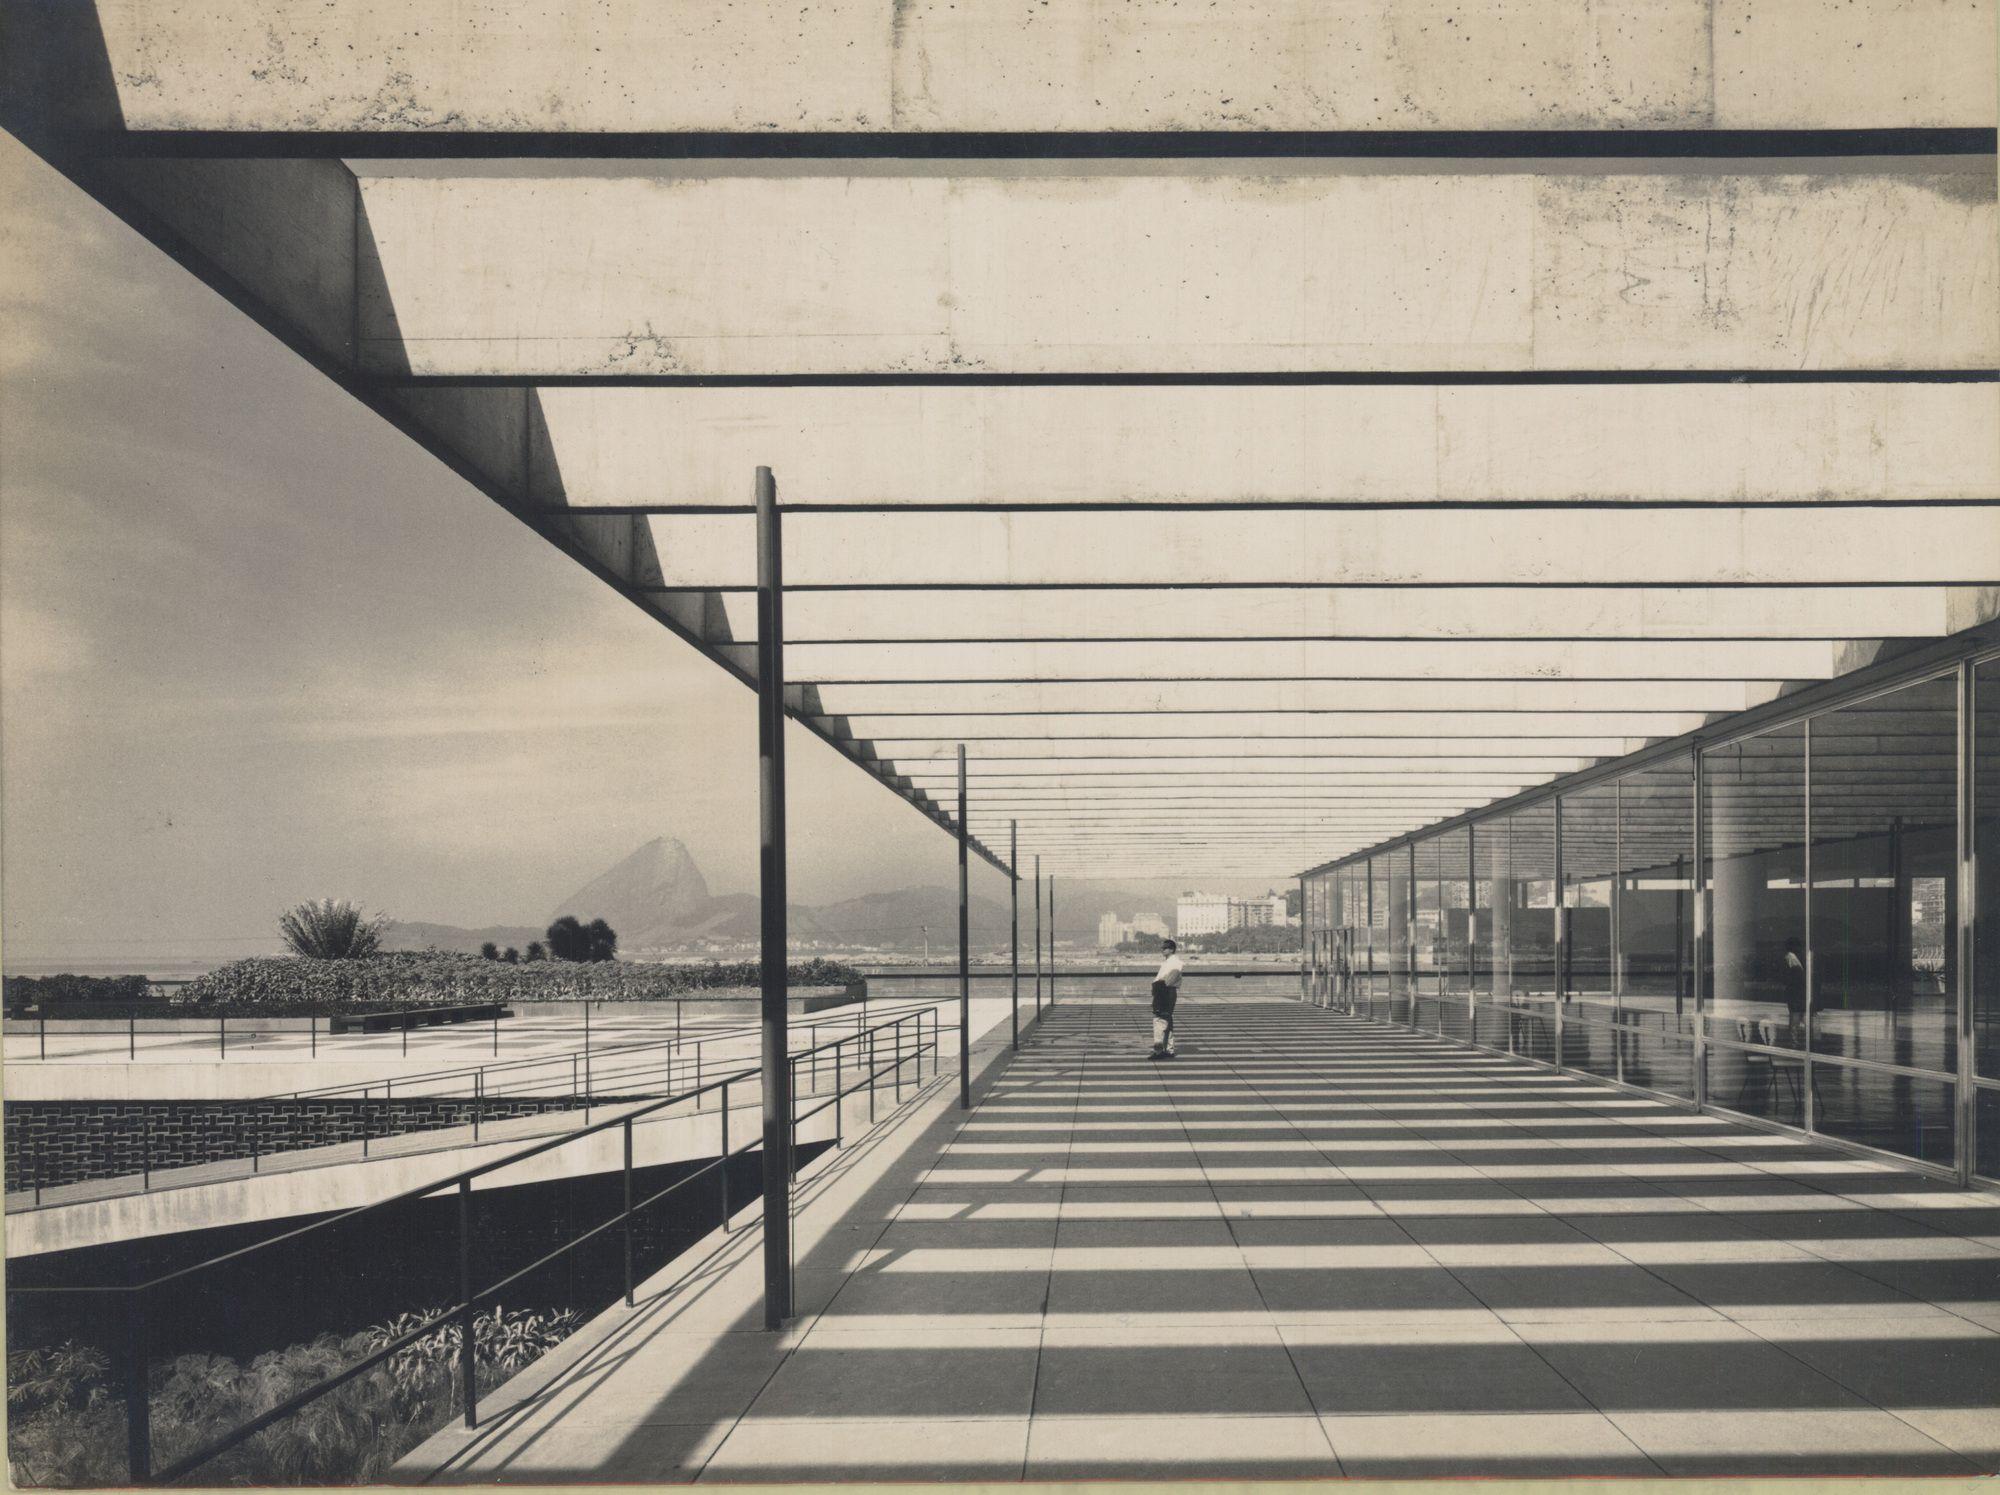 Exposición en el MoMA: Latinoamérica en construcción: Arquitectura de 1955 a 1980